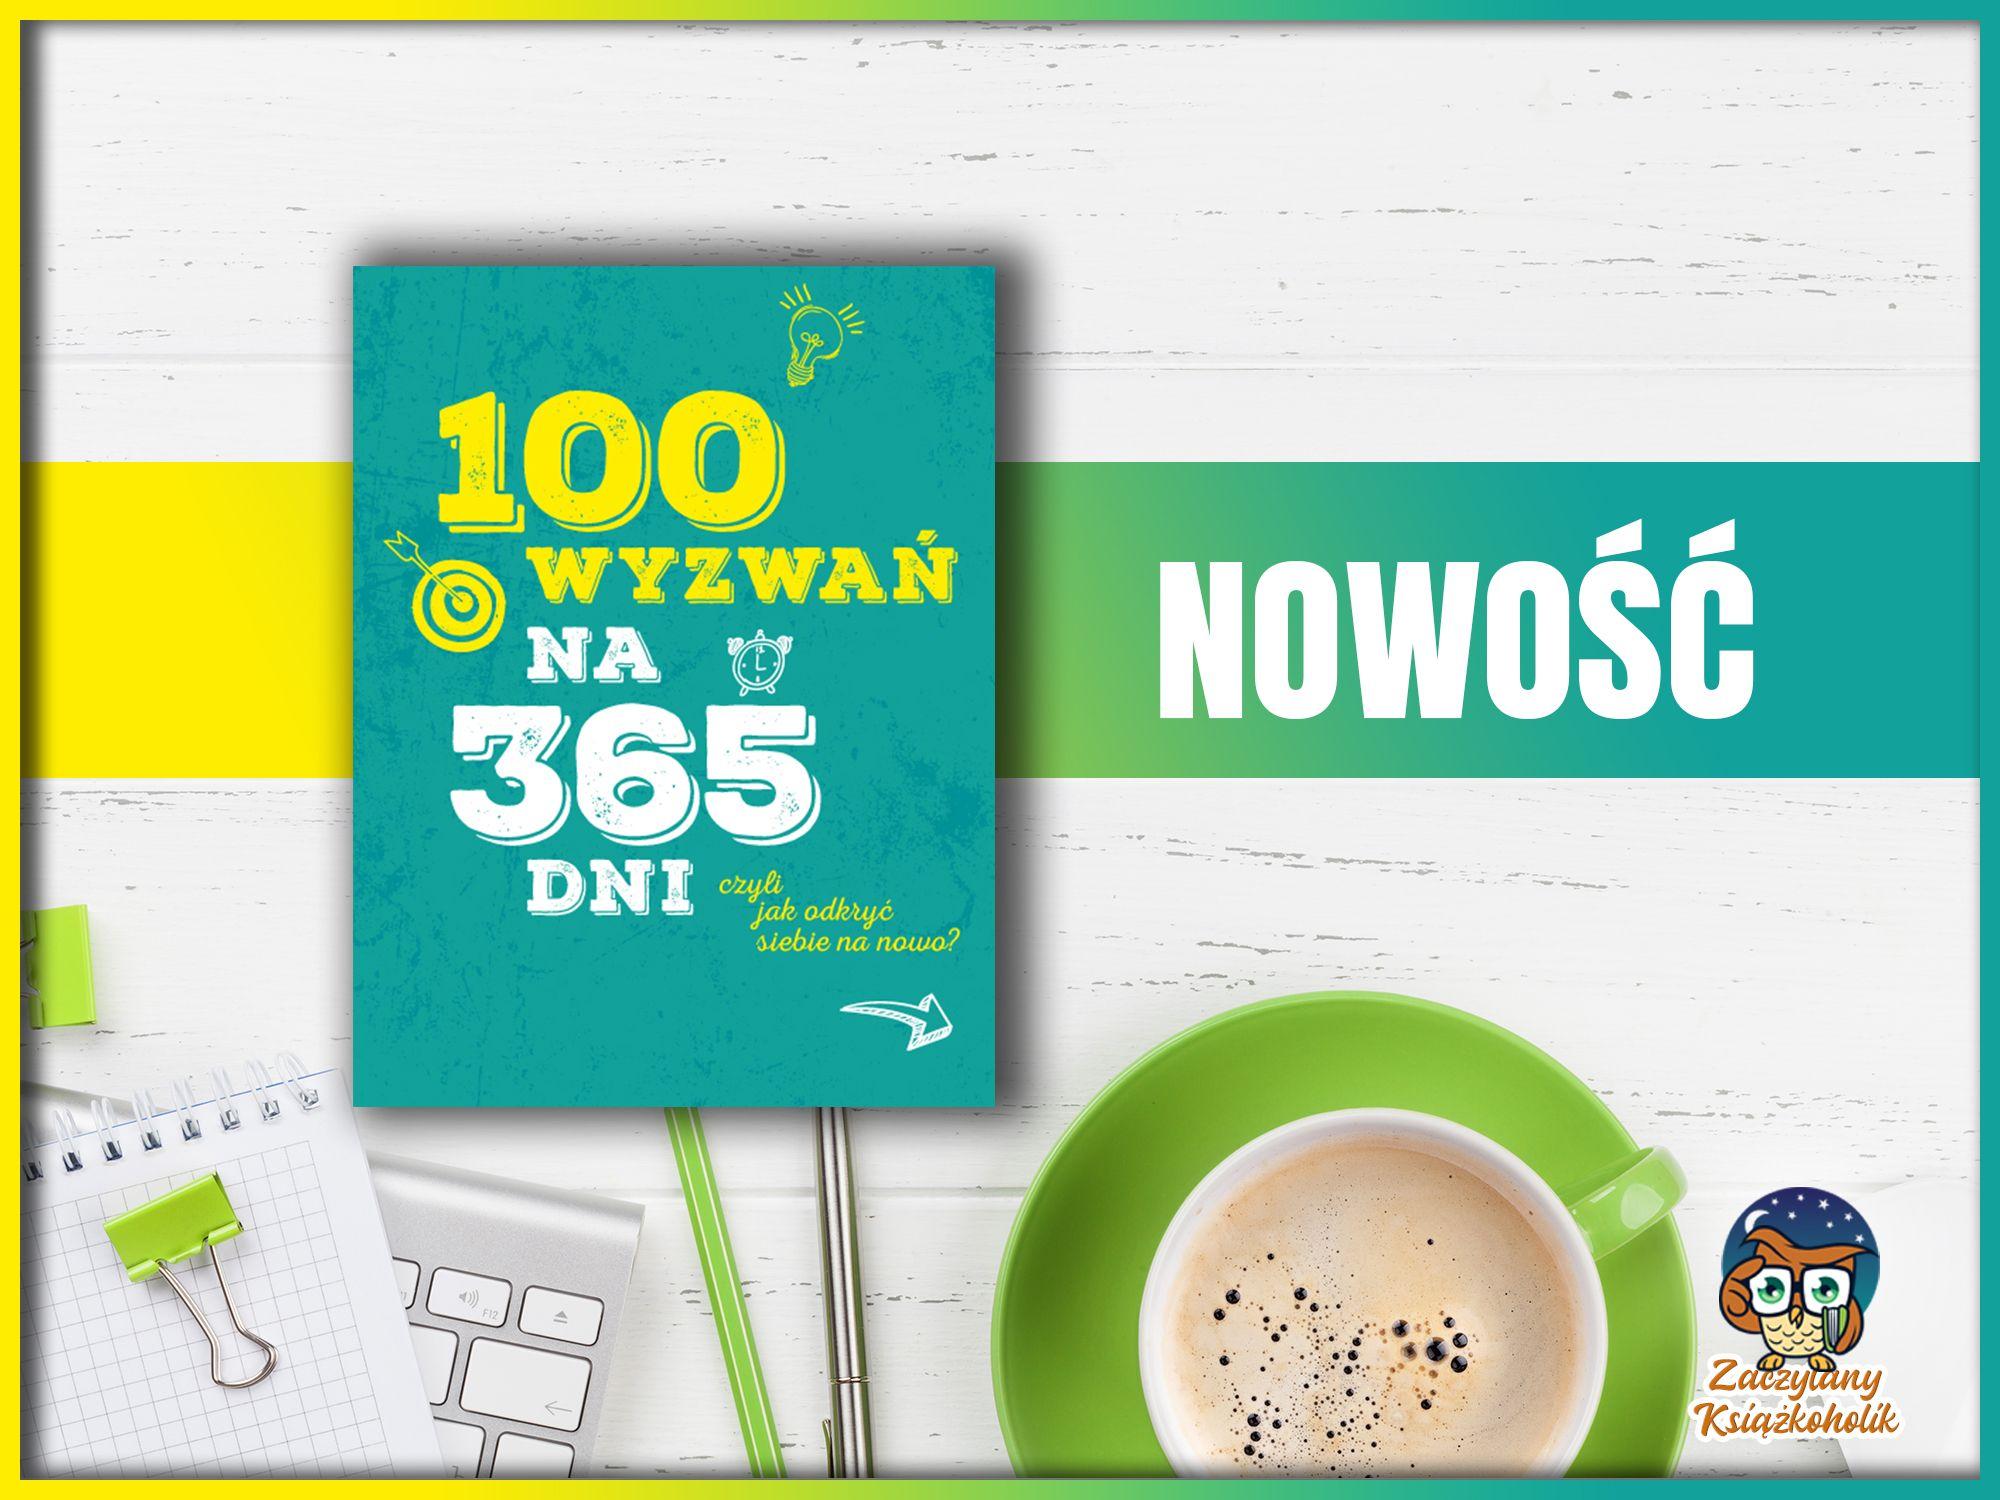 100 wyzwań na 365 dni, czyli jak odkryć siebie na nowo, Sabine Hausmann, zaczytanyksiazkoholik.pl